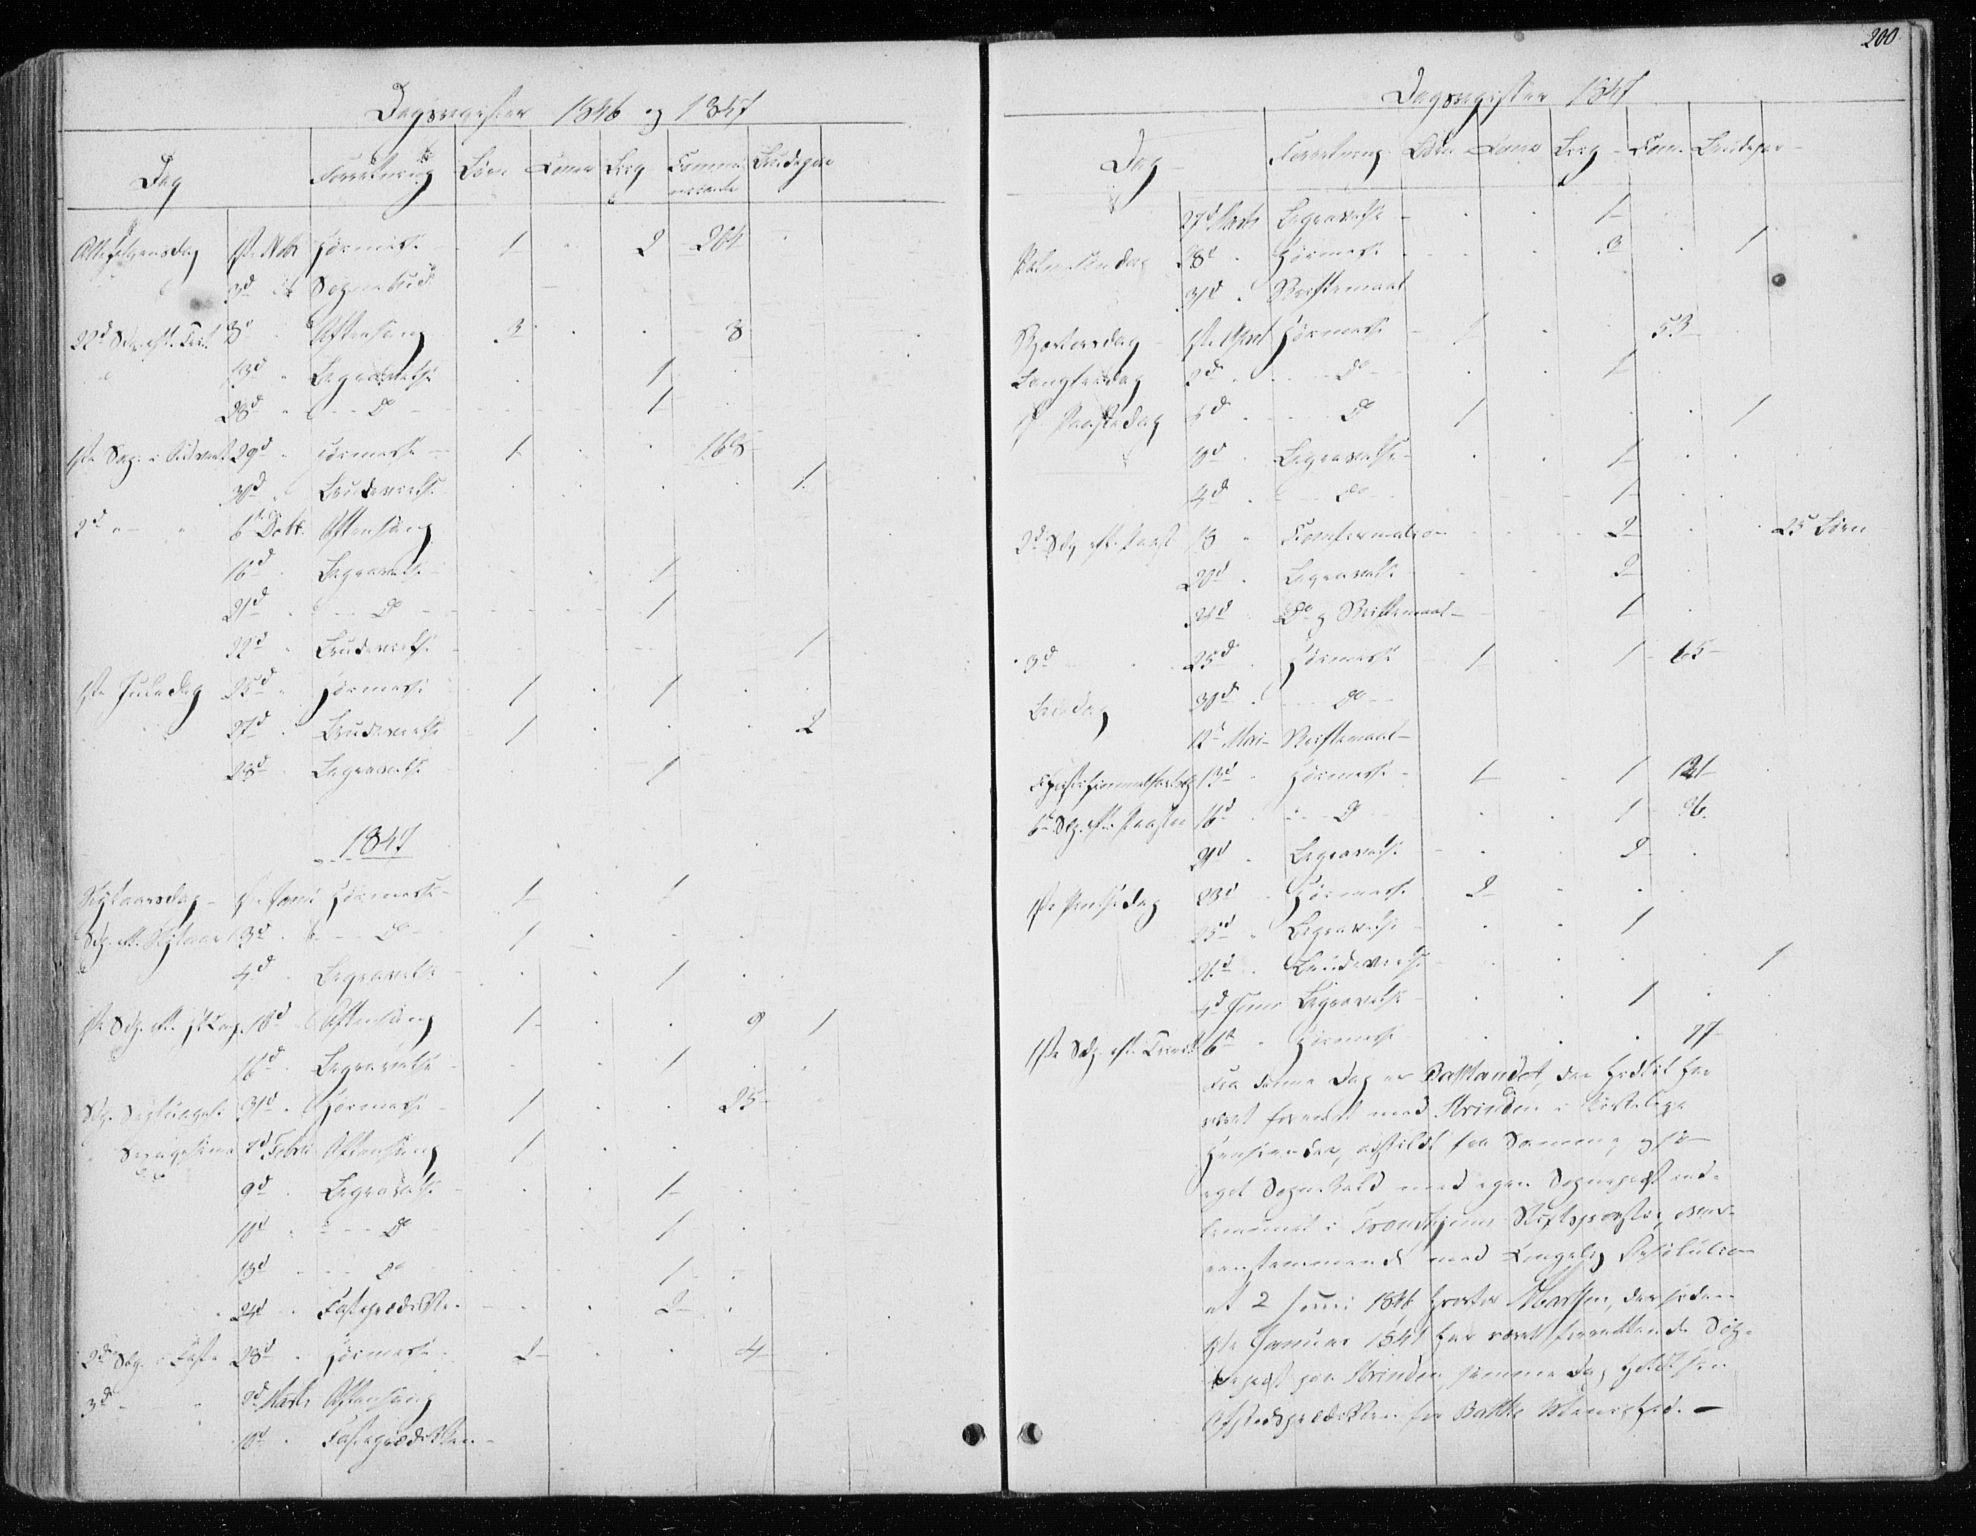 SAT, Ministerialprotokoller, klokkerbøker og fødselsregistre - Sør-Trøndelag, 604/L0183: Ministerialbok nr. 604A04, 1841-1850, s. 200